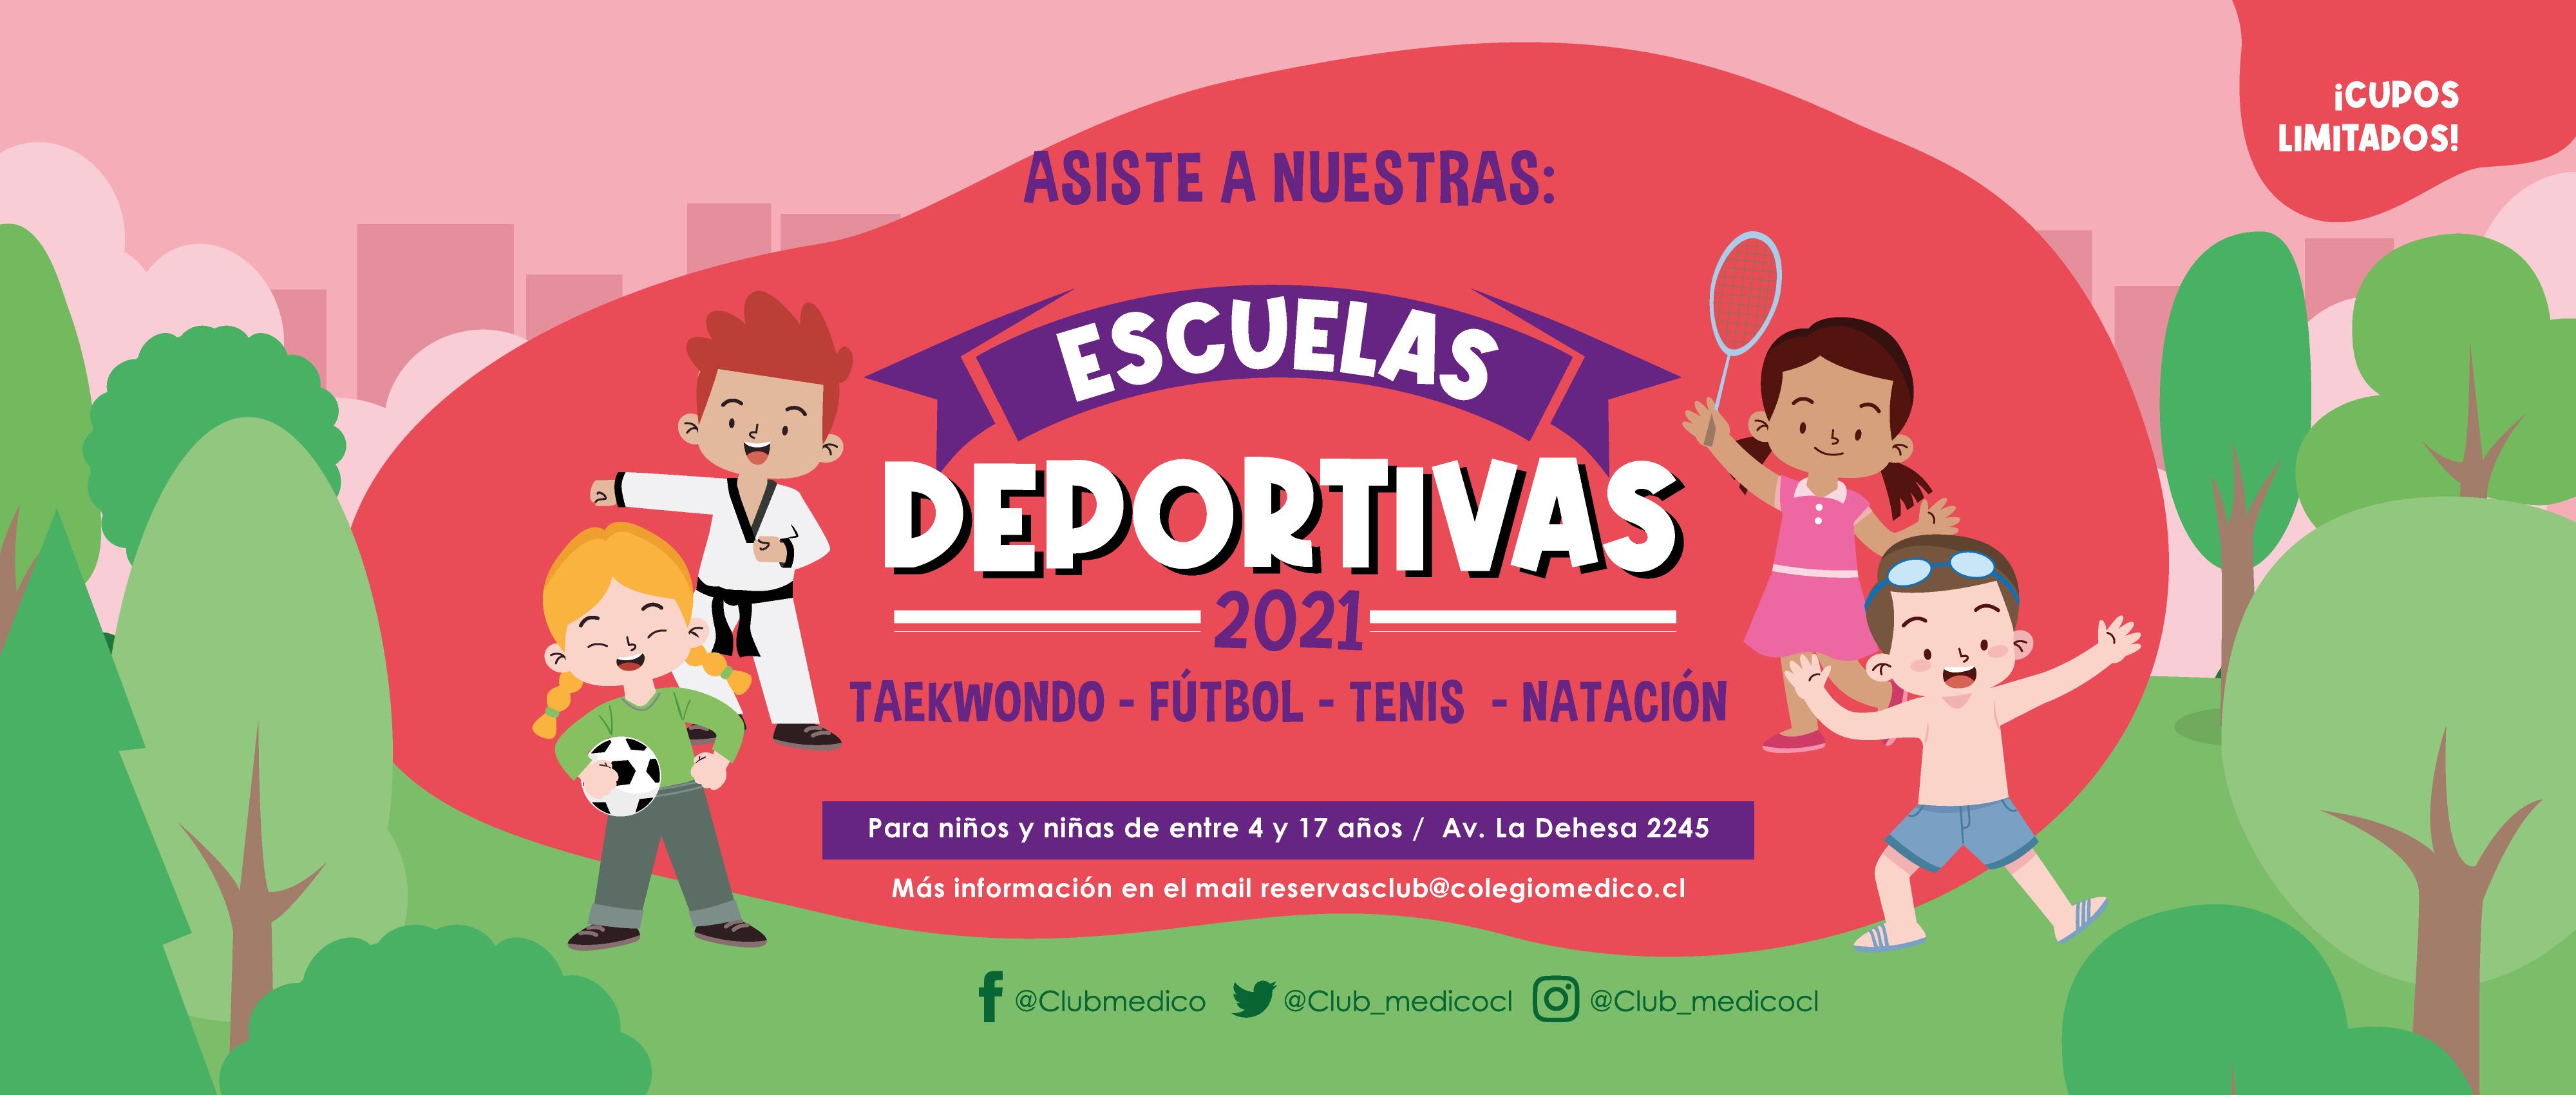 Banner-EscuelasDeportivas-CubMedico-2